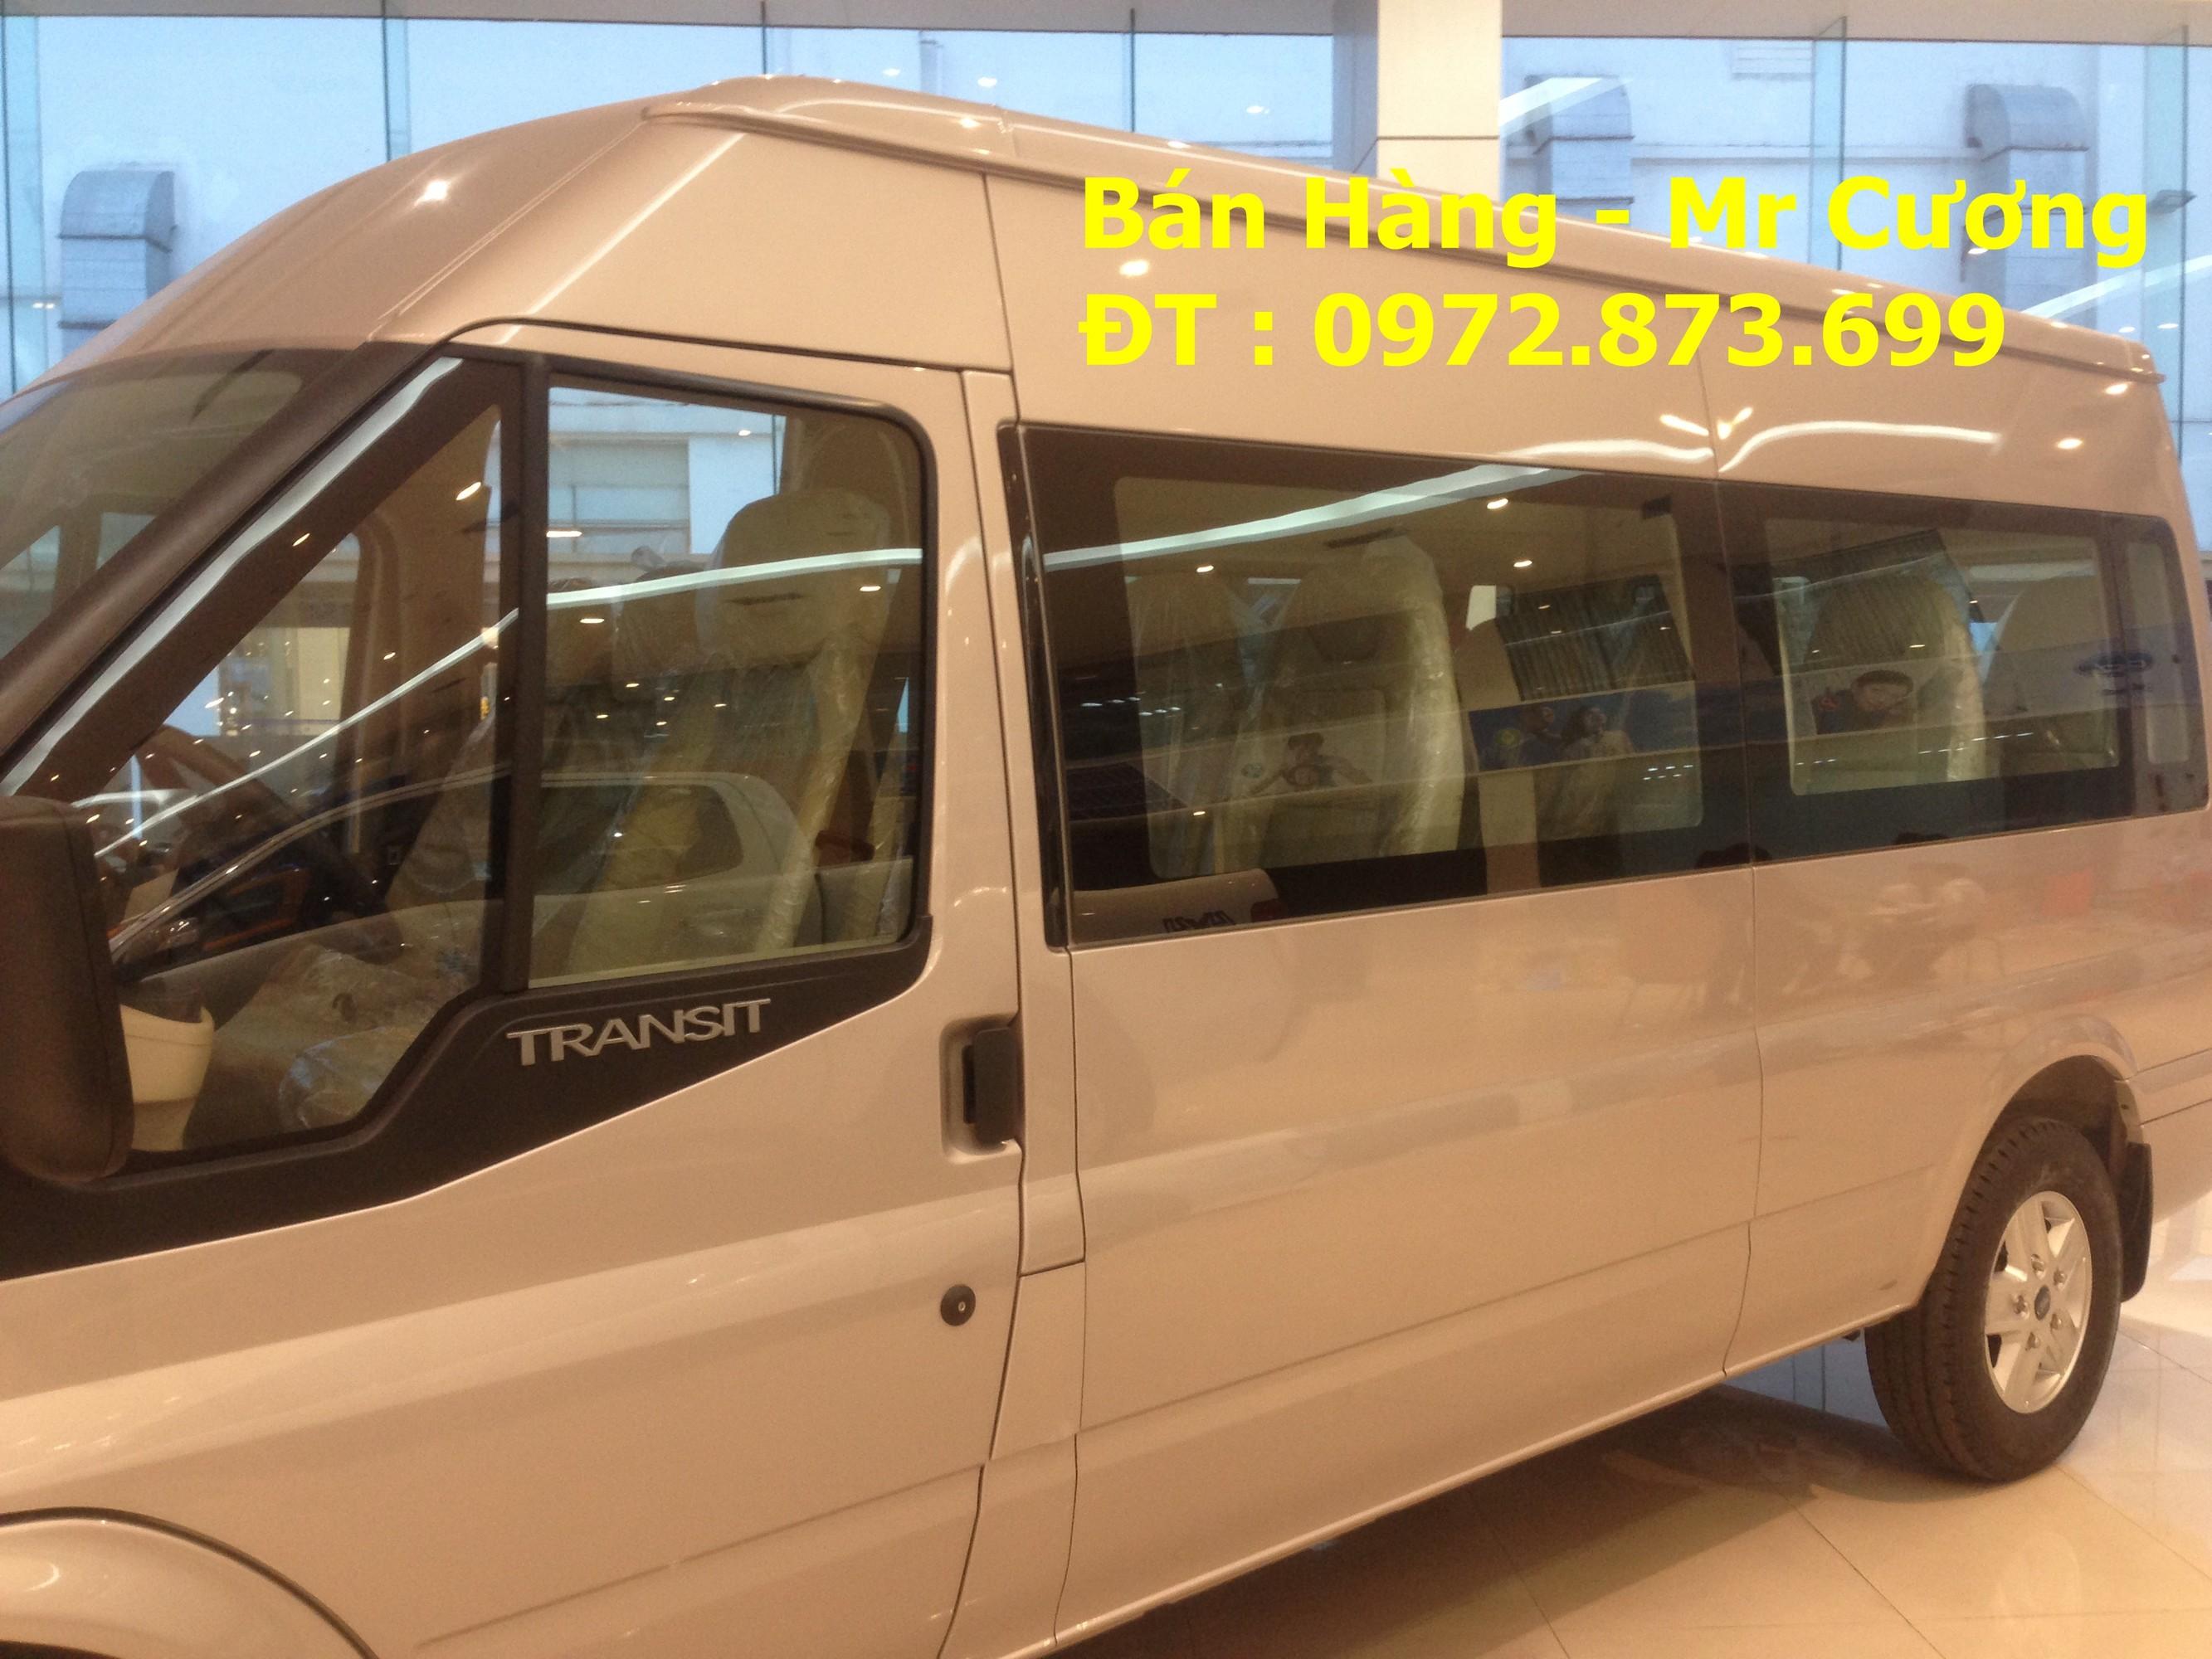 Bán xe khách ford transit 16 chỗ luxury màu bạc giao xe ngay Ảnh số 40388833